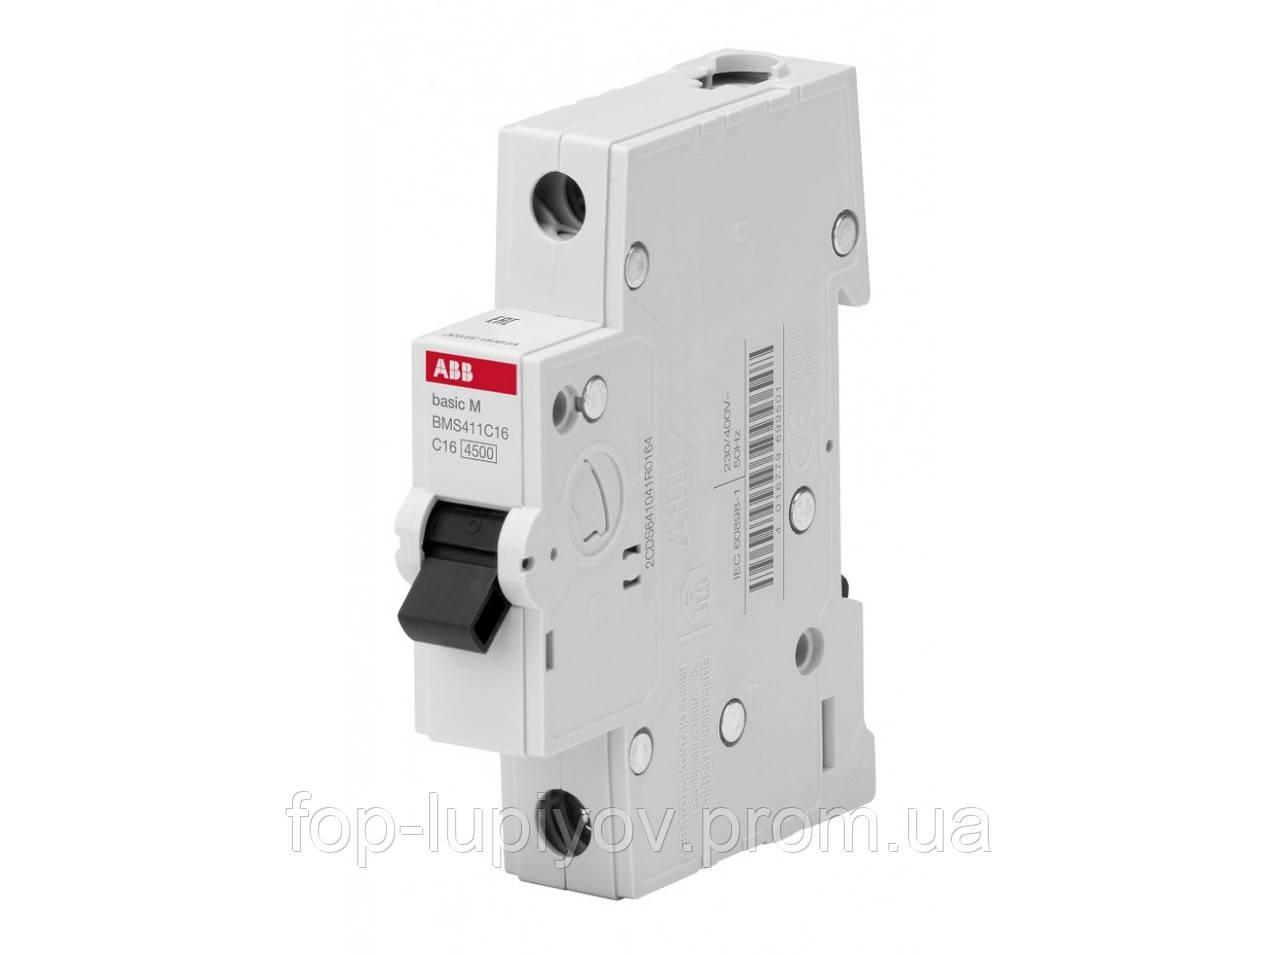 Автоматический выключатель BMS411C16, 1Р 16А 4.5 кА х-ка C, ABB